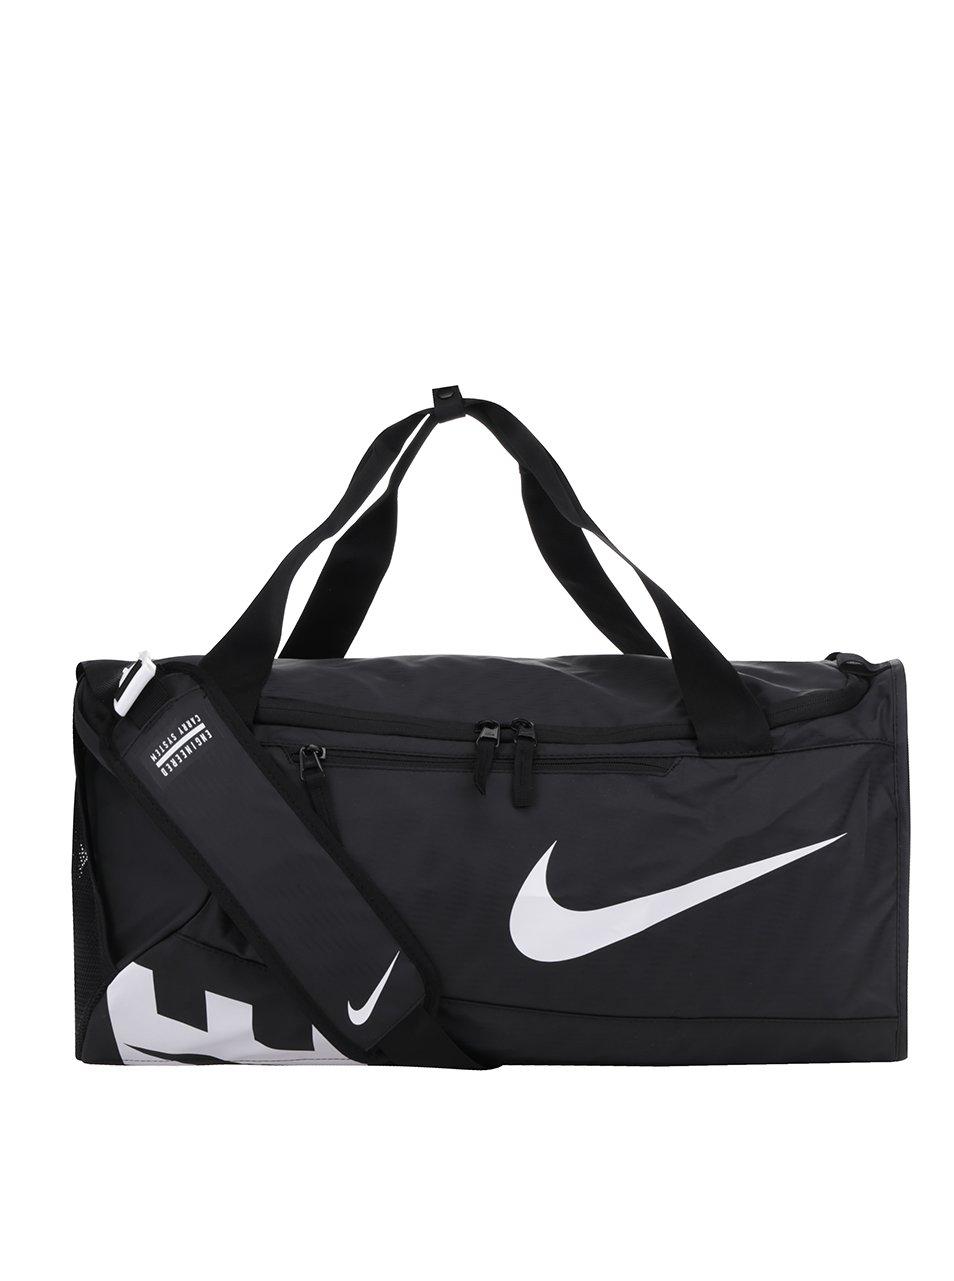 Černá unisex velká sportovní voděodolná taška s potiskem Nike